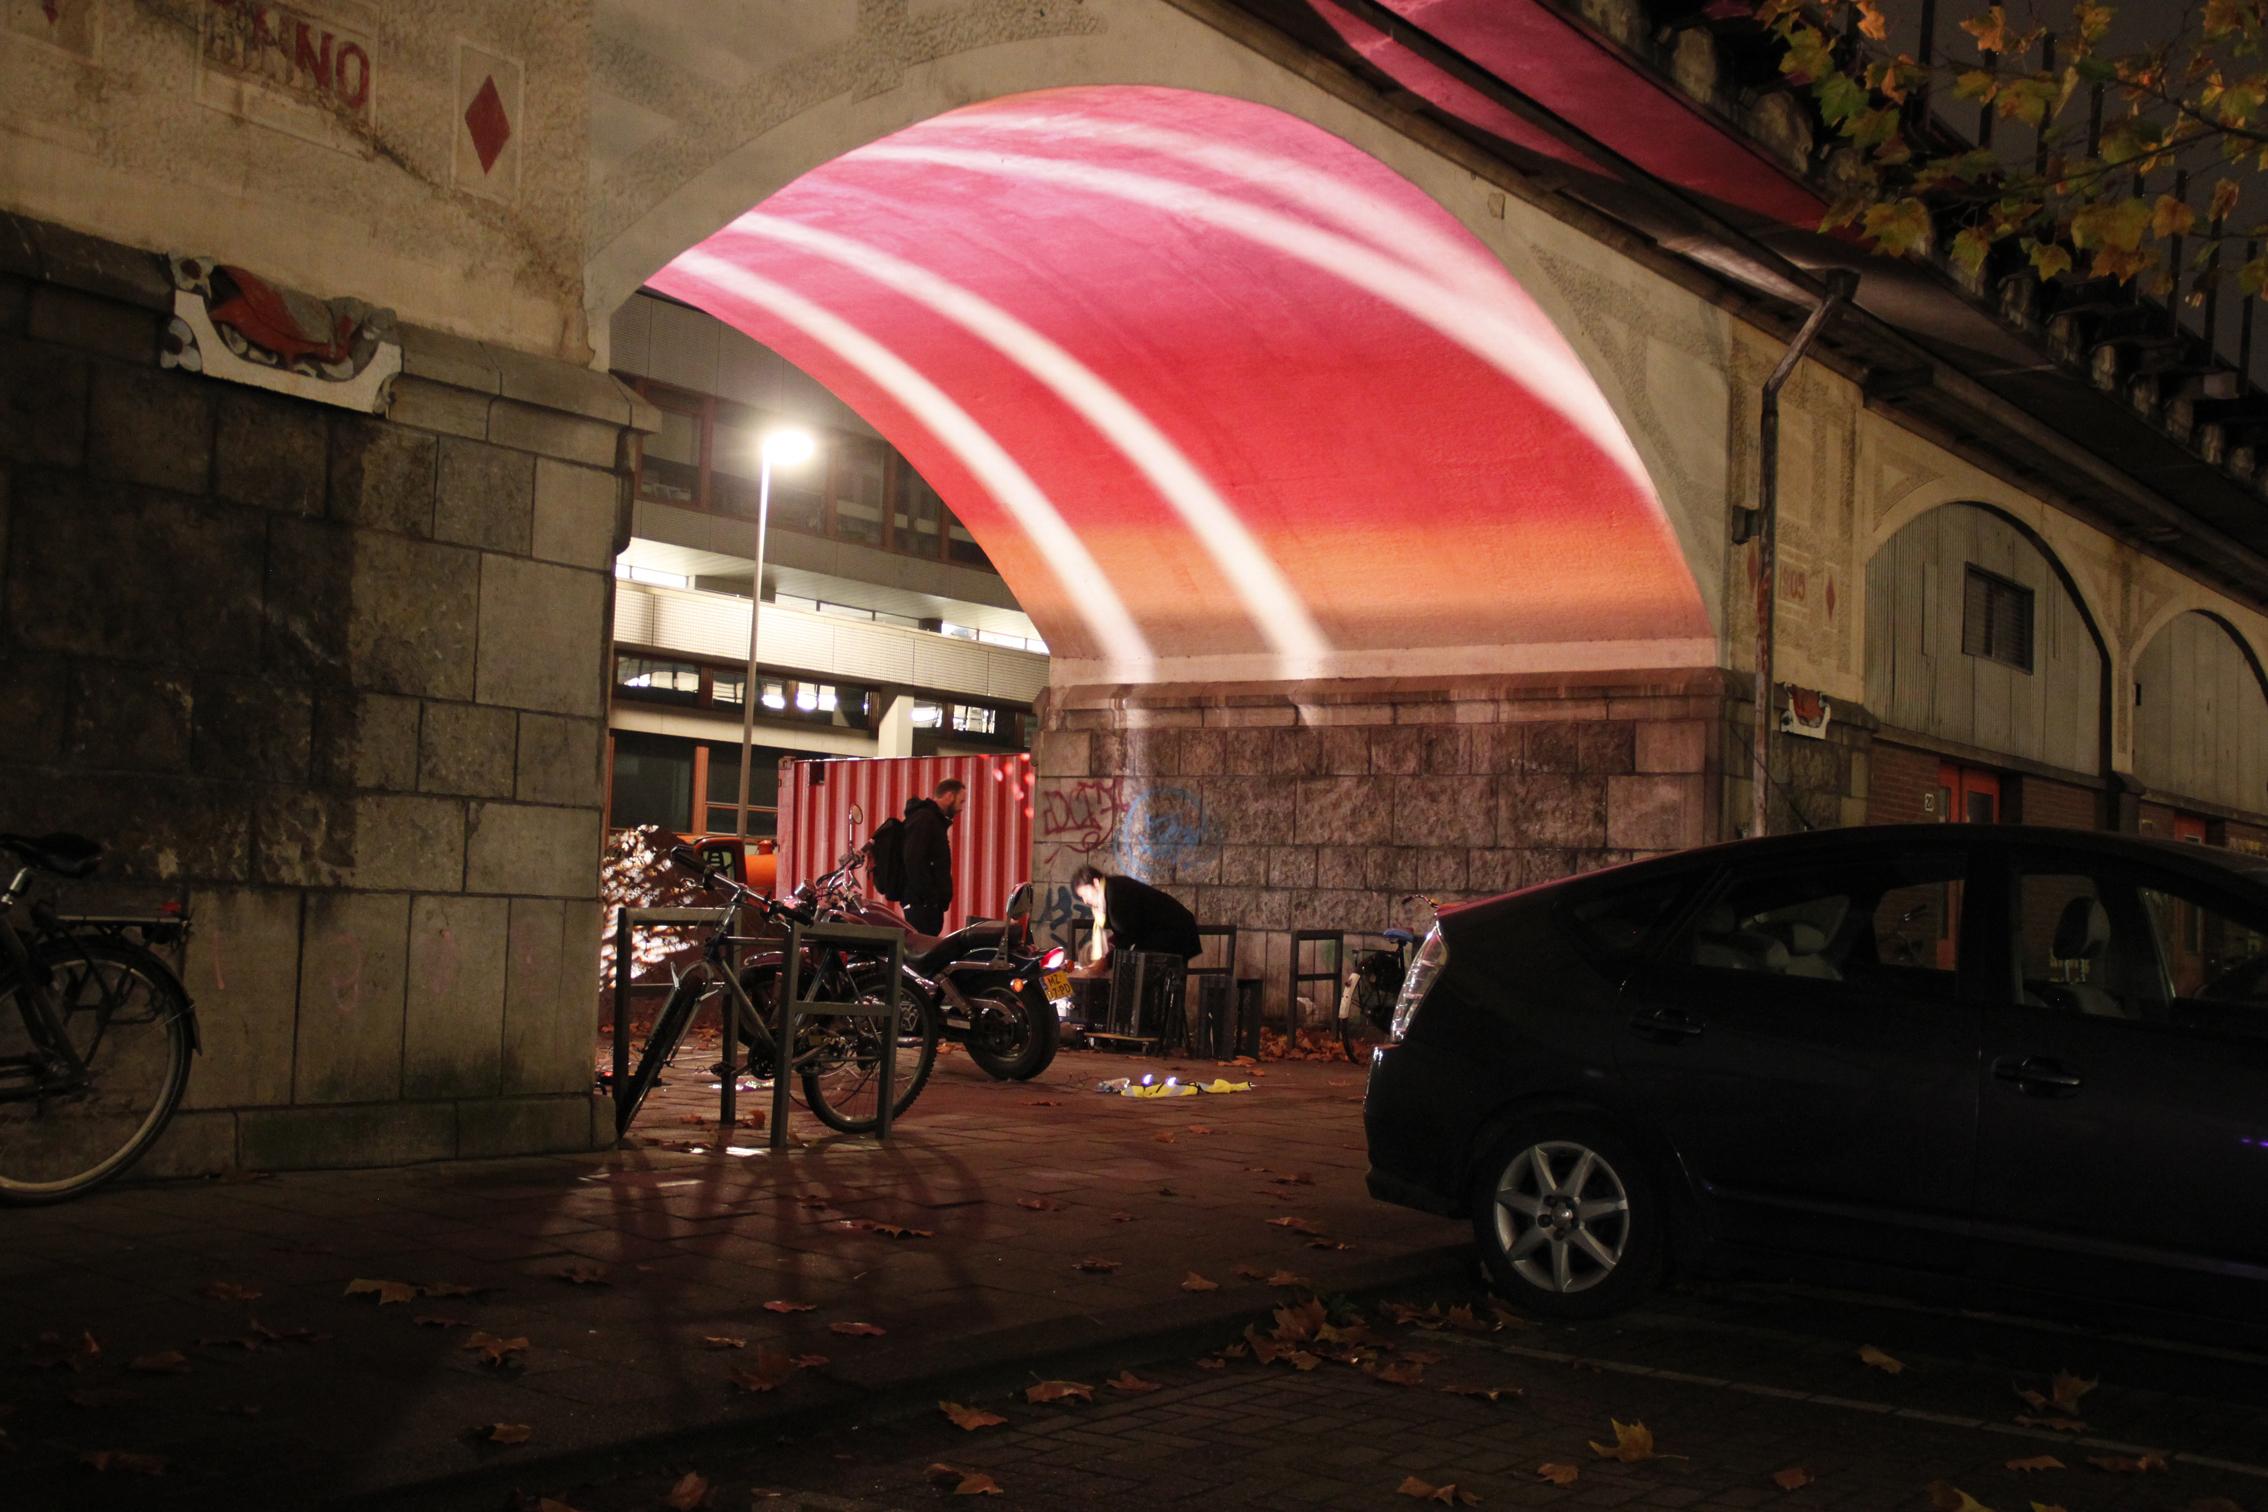 Studio arntzen lighting design hofbogen in rotterdam